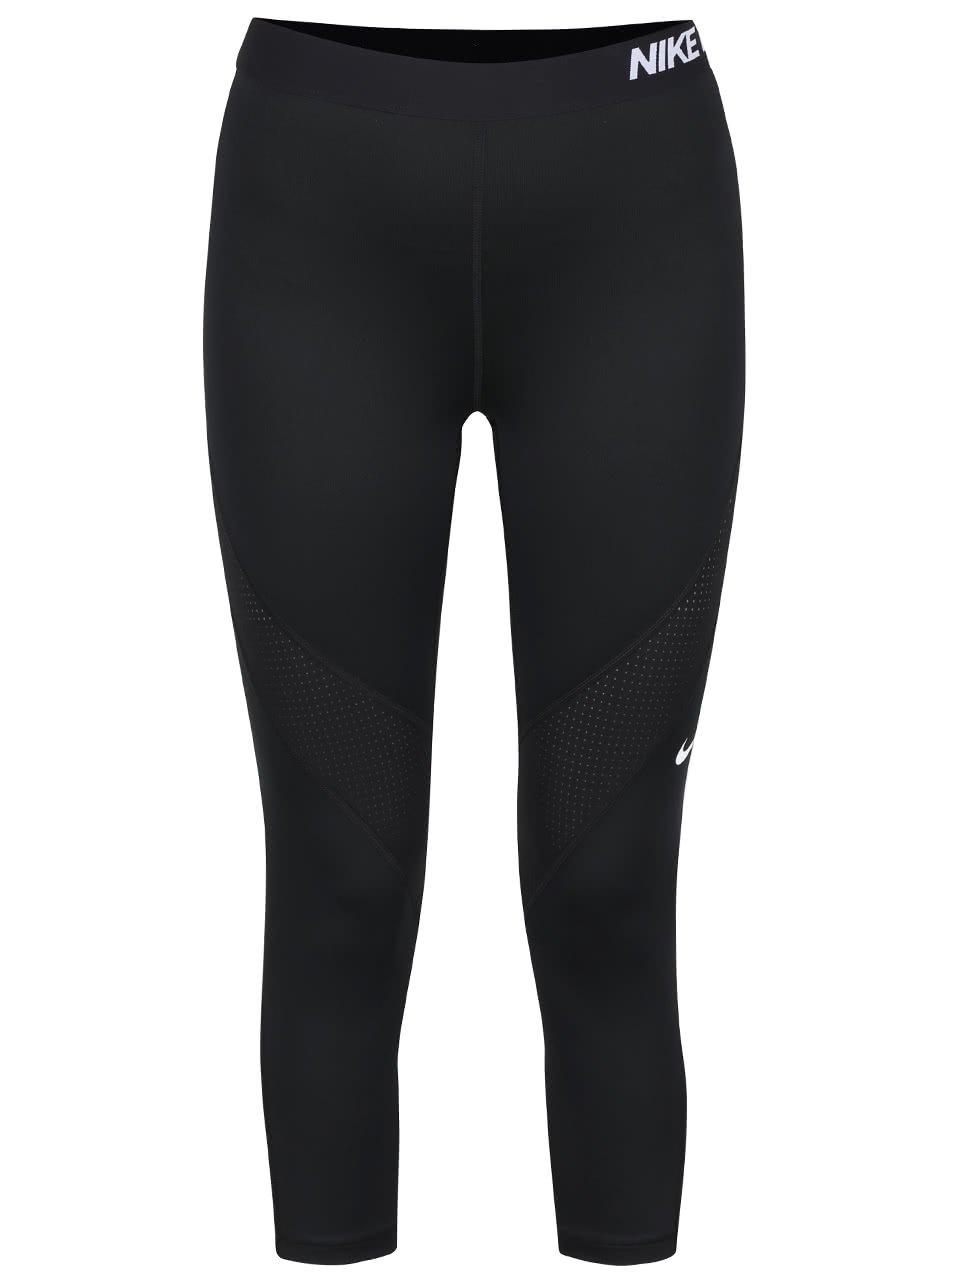 Černé dámské legíny Nike Pro Hypercool